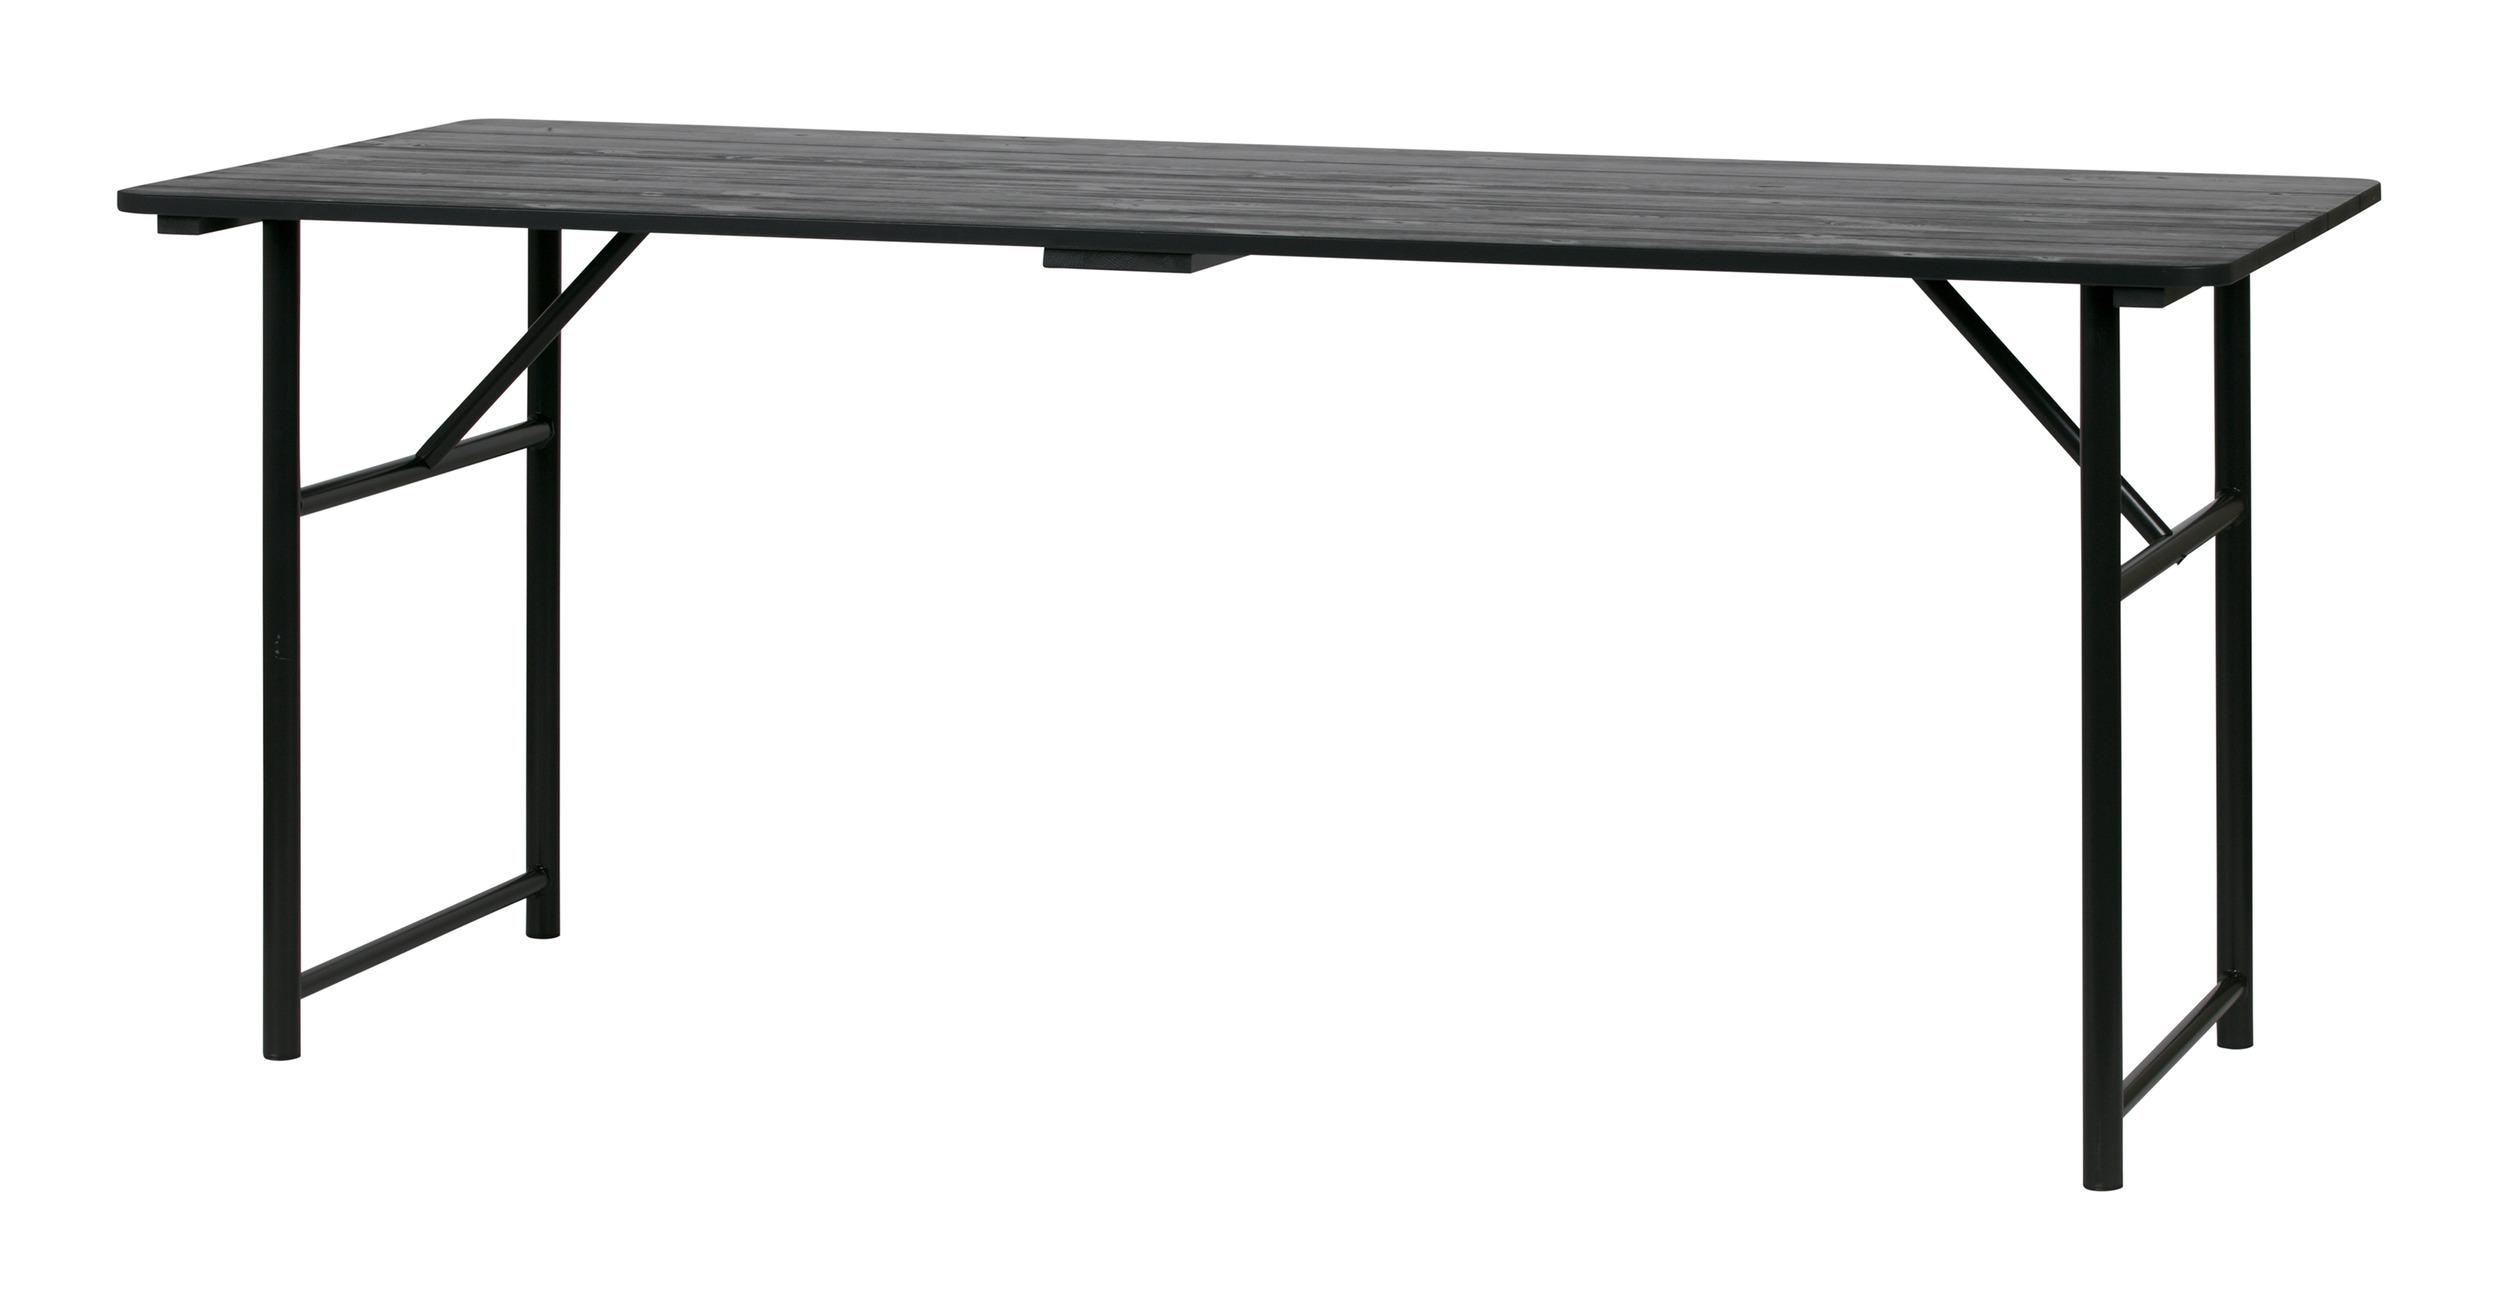 vtwonen Eettafel 'Army' 180 x 80cm, mat zwart vtwonen 31172 kopen